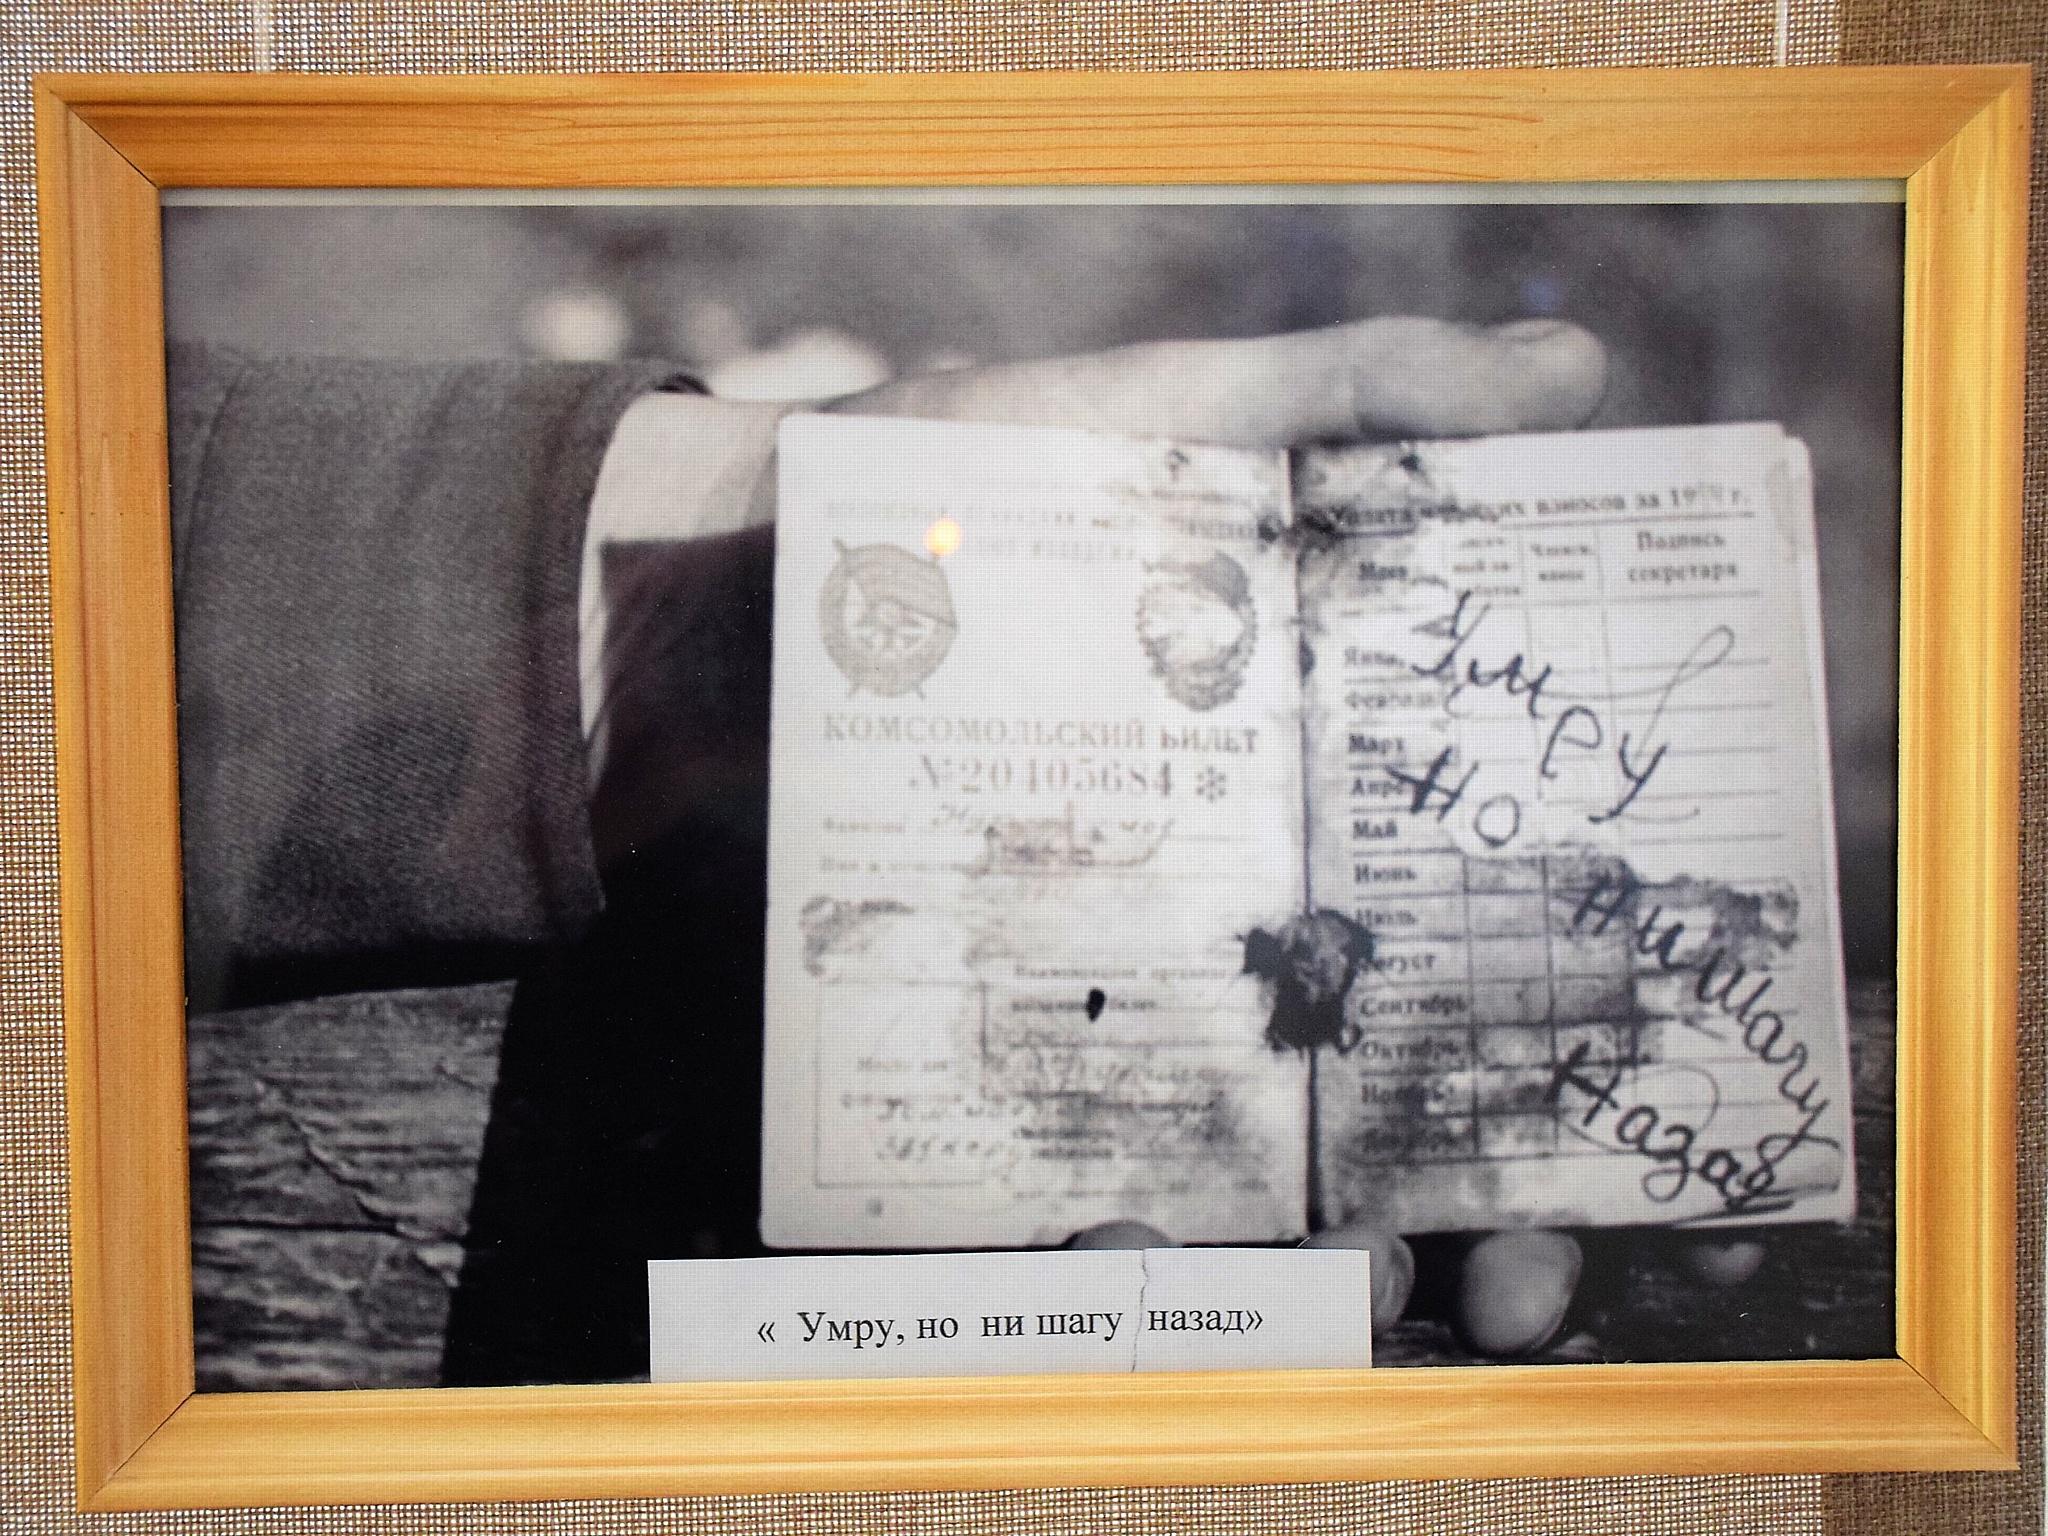 Экспозиция «Патриотизм. Победа. Героизм» в Доме дружбы народов Чувашии